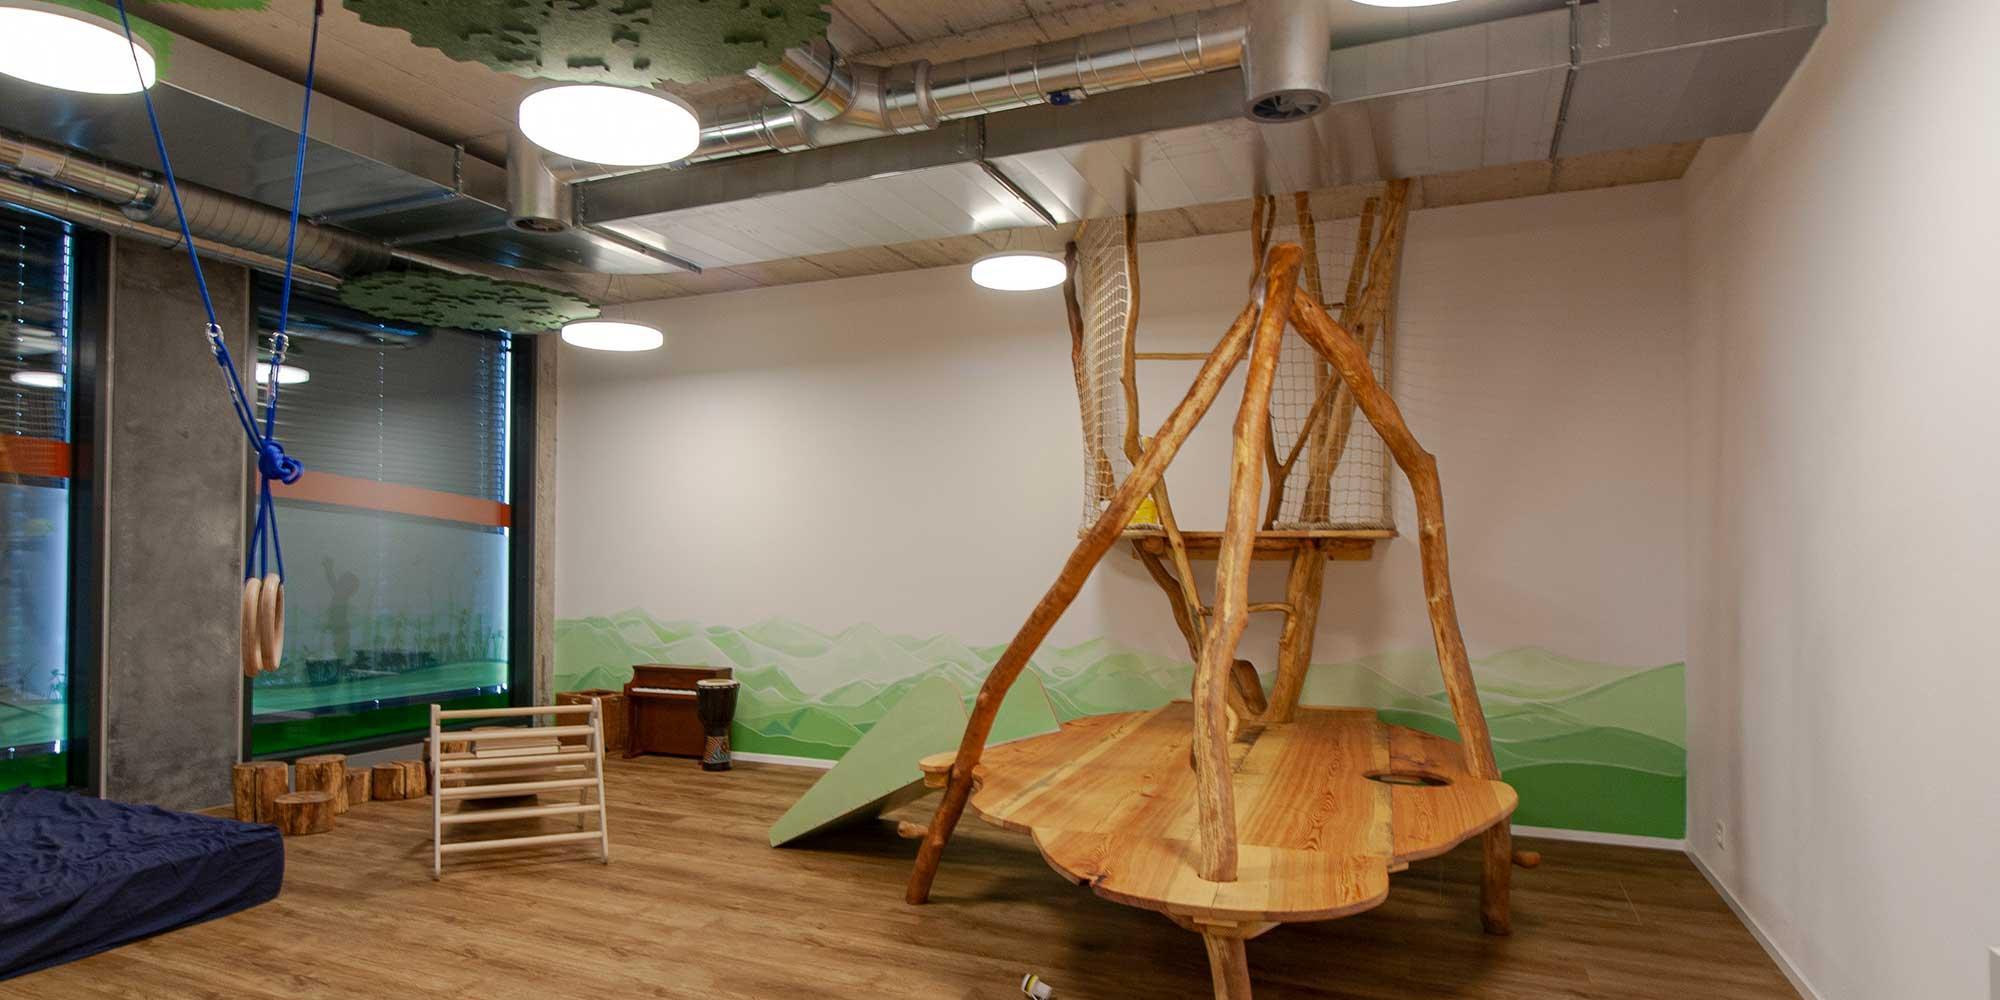 In diesem Zimmer der Kita Wundergarten können die Kinder sich austoben mit perfektem Licht von Basic Leuchten von Lightnet